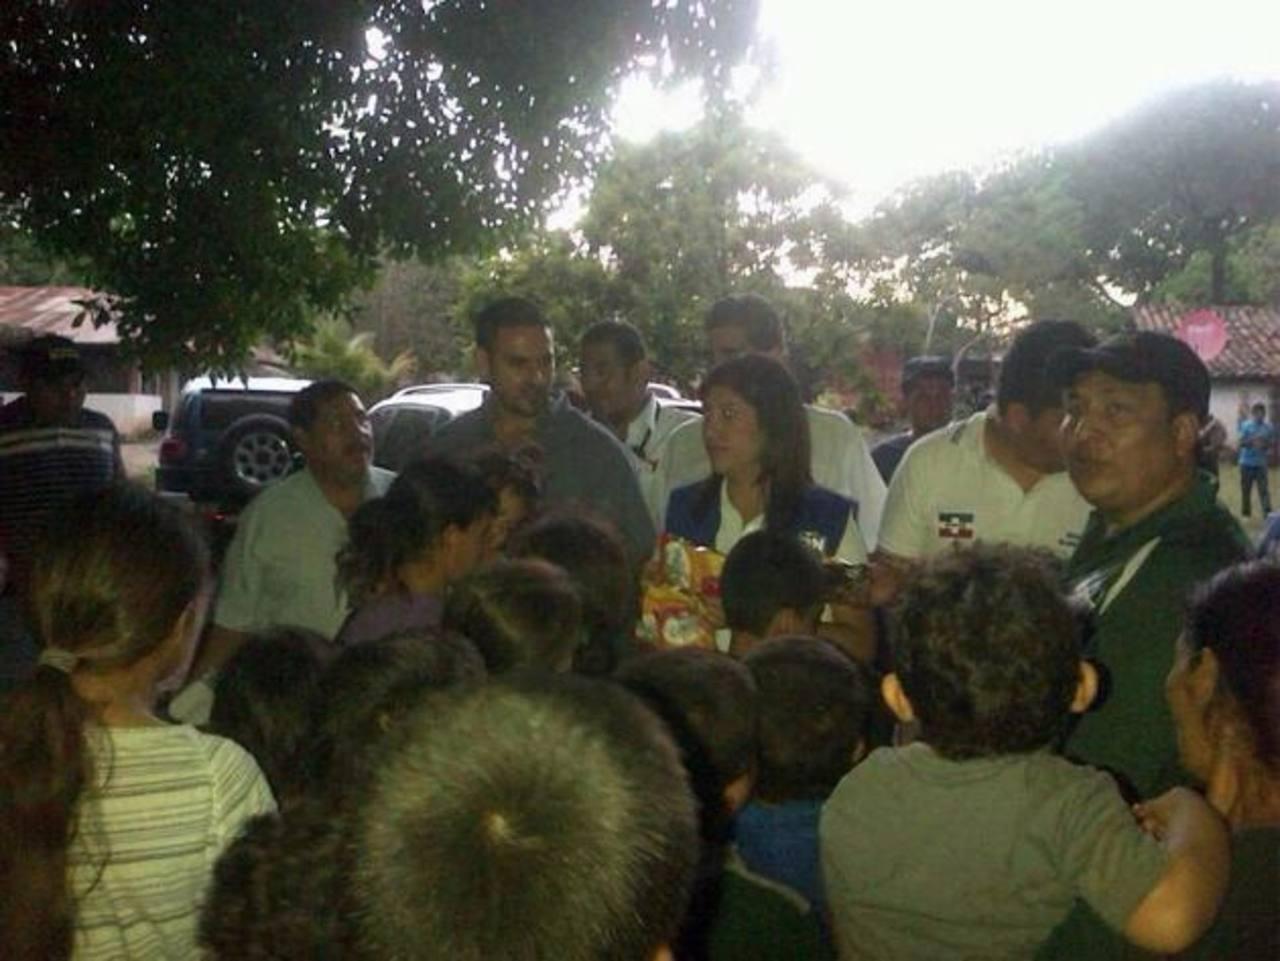 Liss Quijano encabezó ayer una caravana que llevó víveres y artículos de primera necesidad a las personas que fueron evacuadas de las faldas del volcán. Foto EDH / cortesía